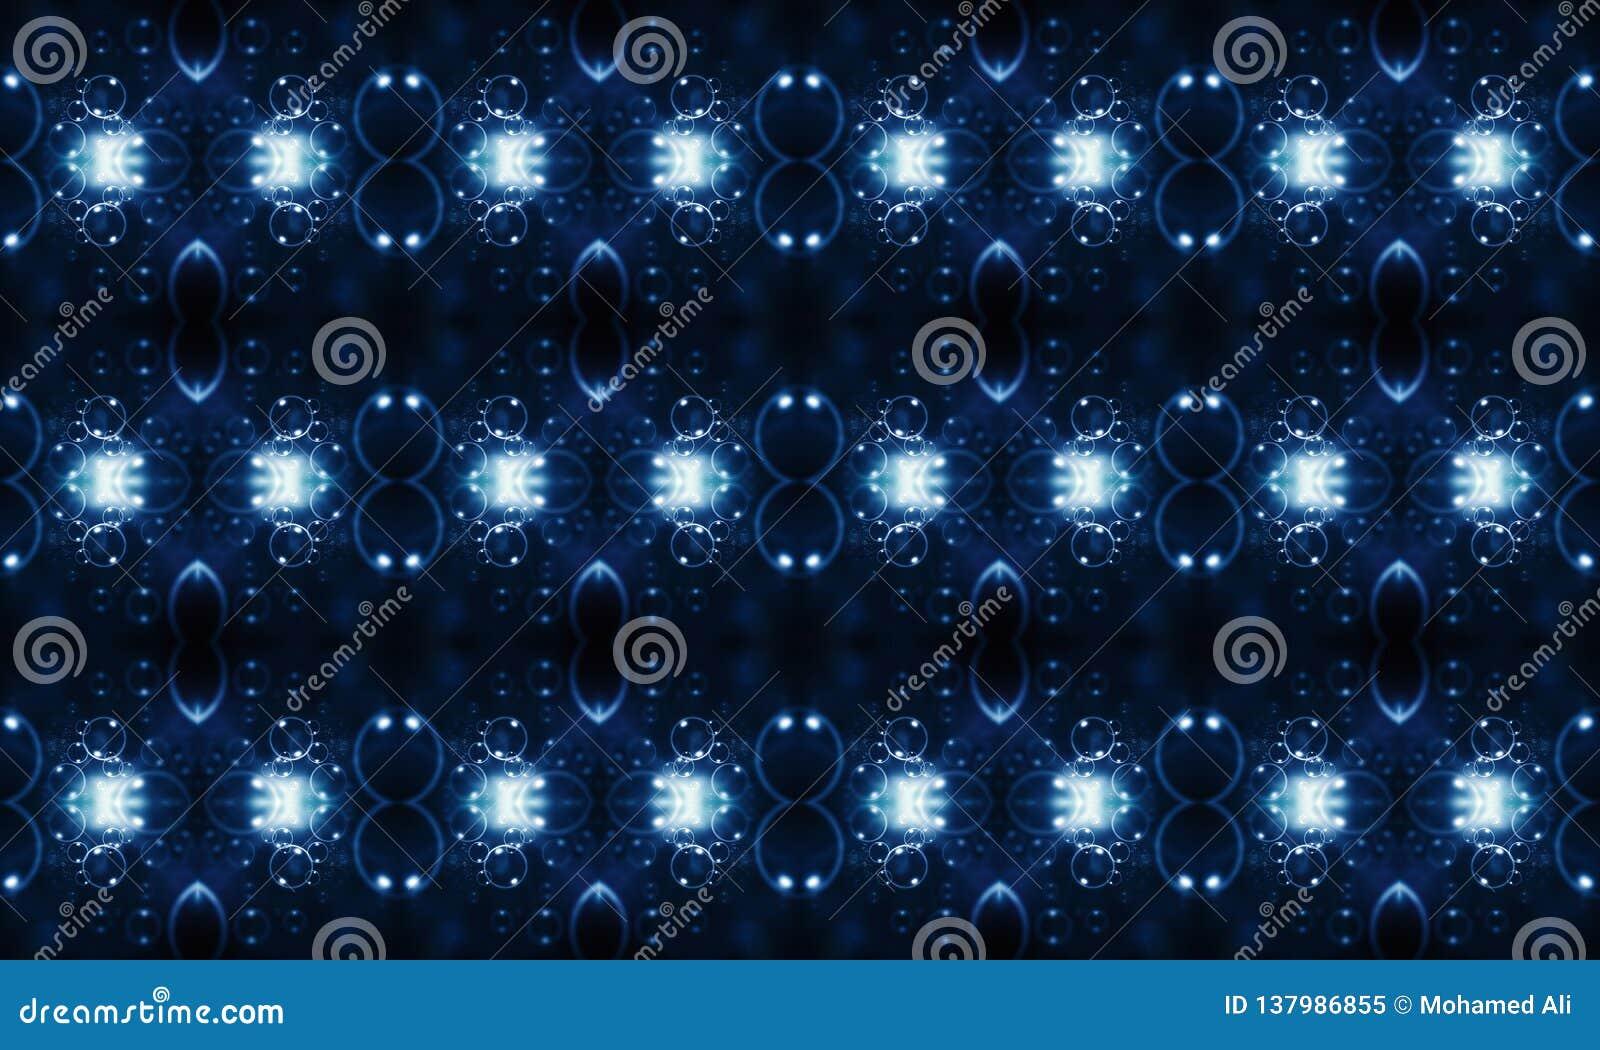 Fondo abstracto enérgico futurista multicolor único generado por ordenador de los modelos de los fractales que brilla intensament